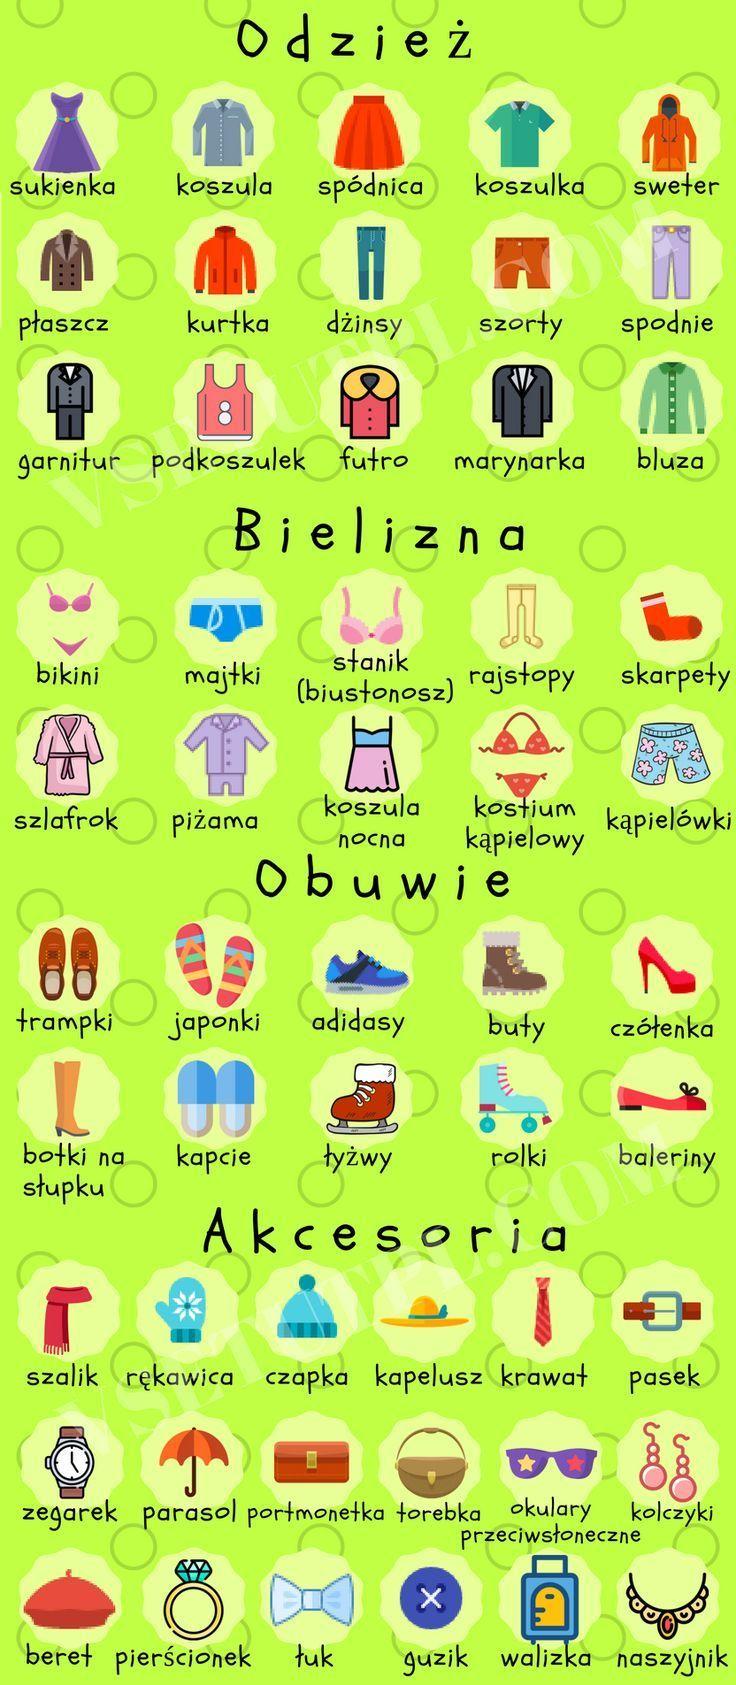 Educational Infographic Educational Infographic Polish